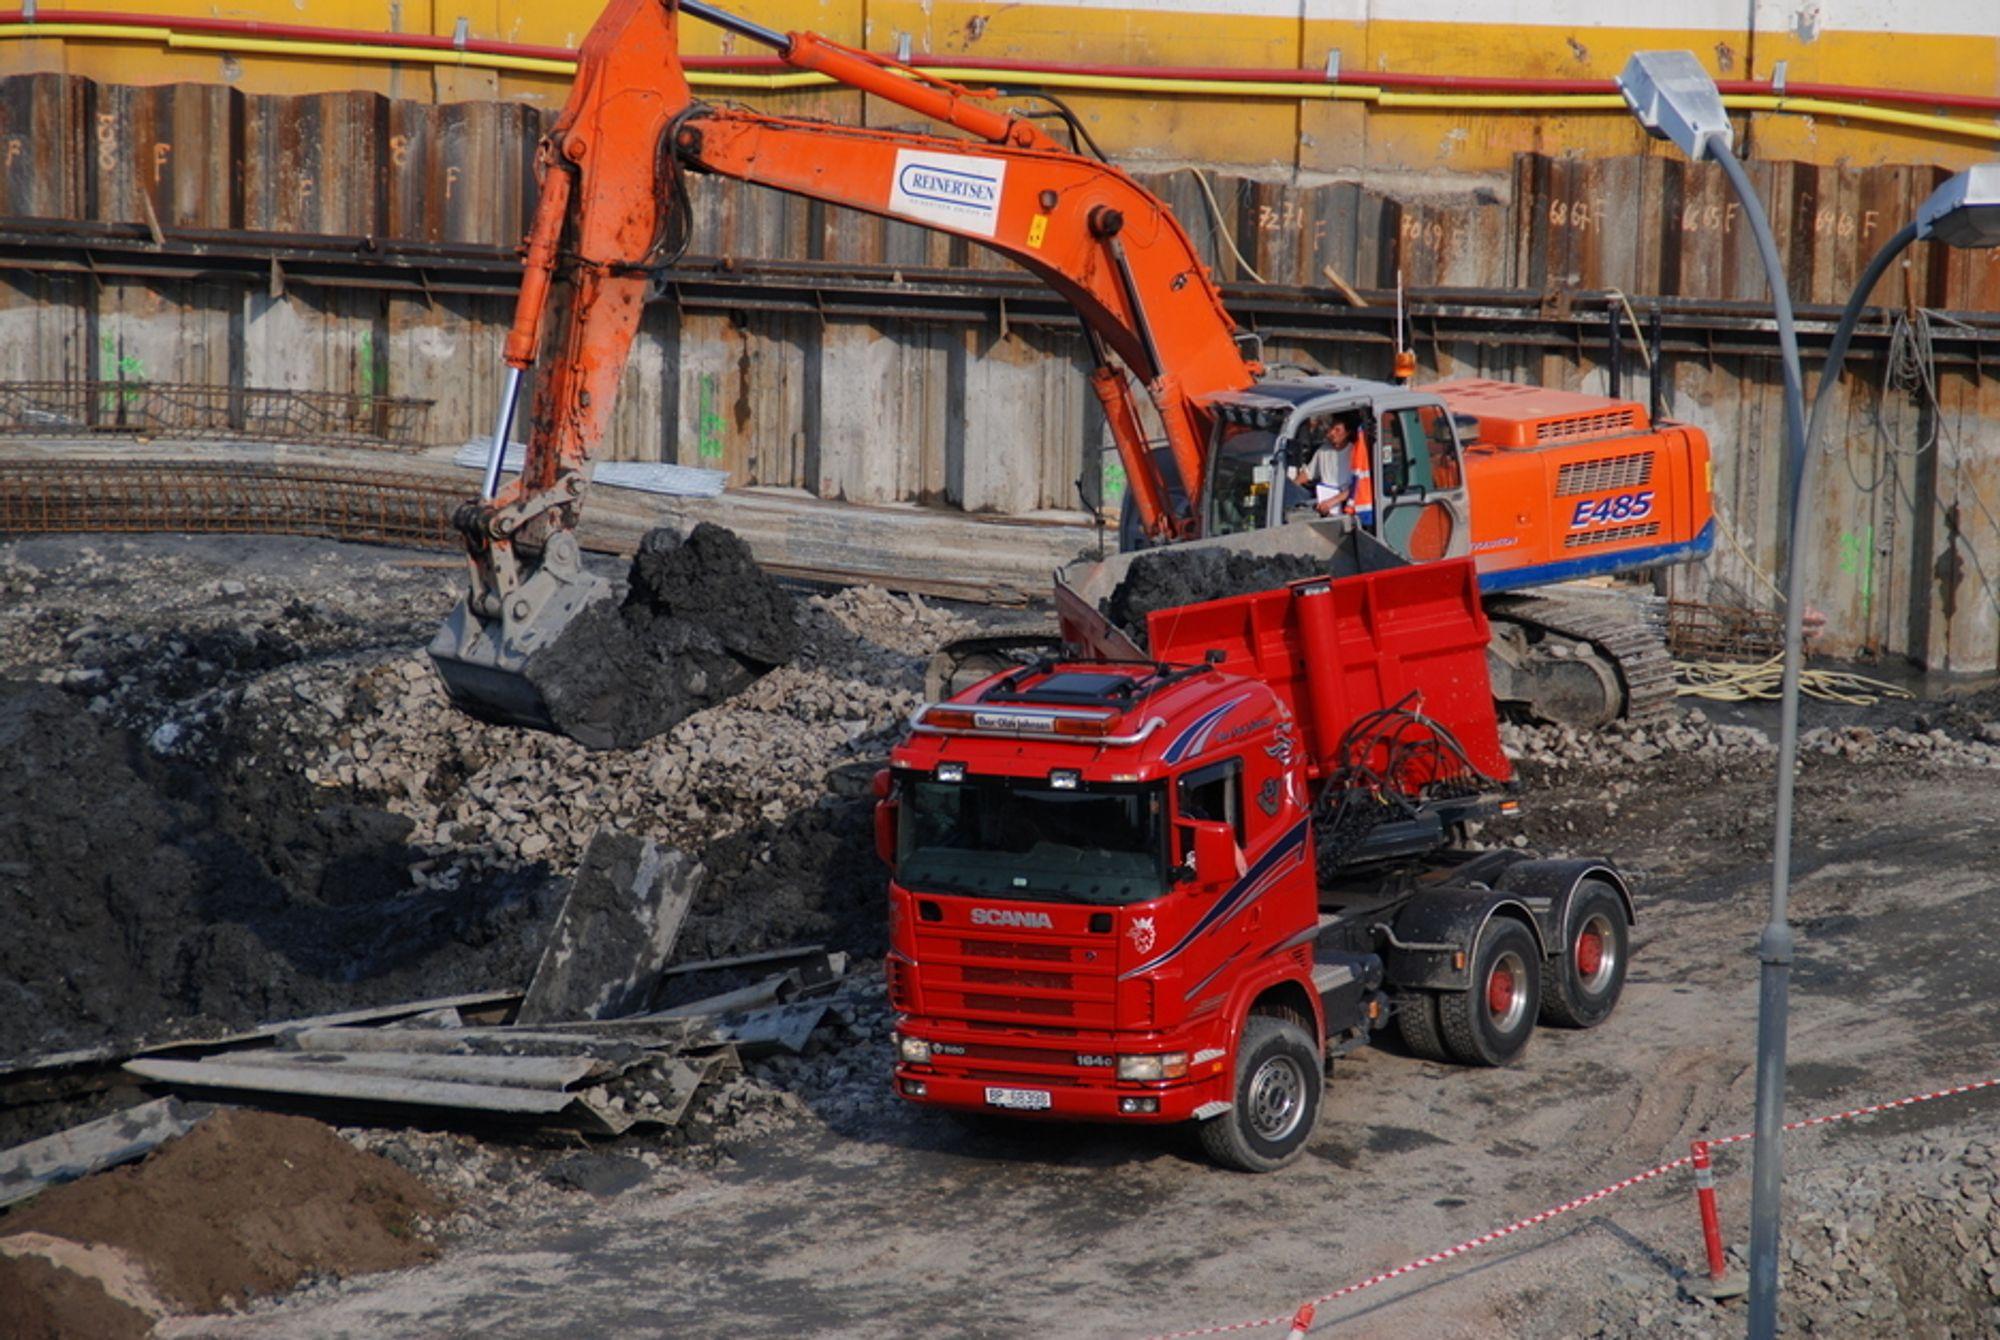 STØRST VEKST: Grunnarbeid, som blant annet omfatter flytting av masse, økte mest i bygge- og anleggsbransjen fra 2004 til 2005.